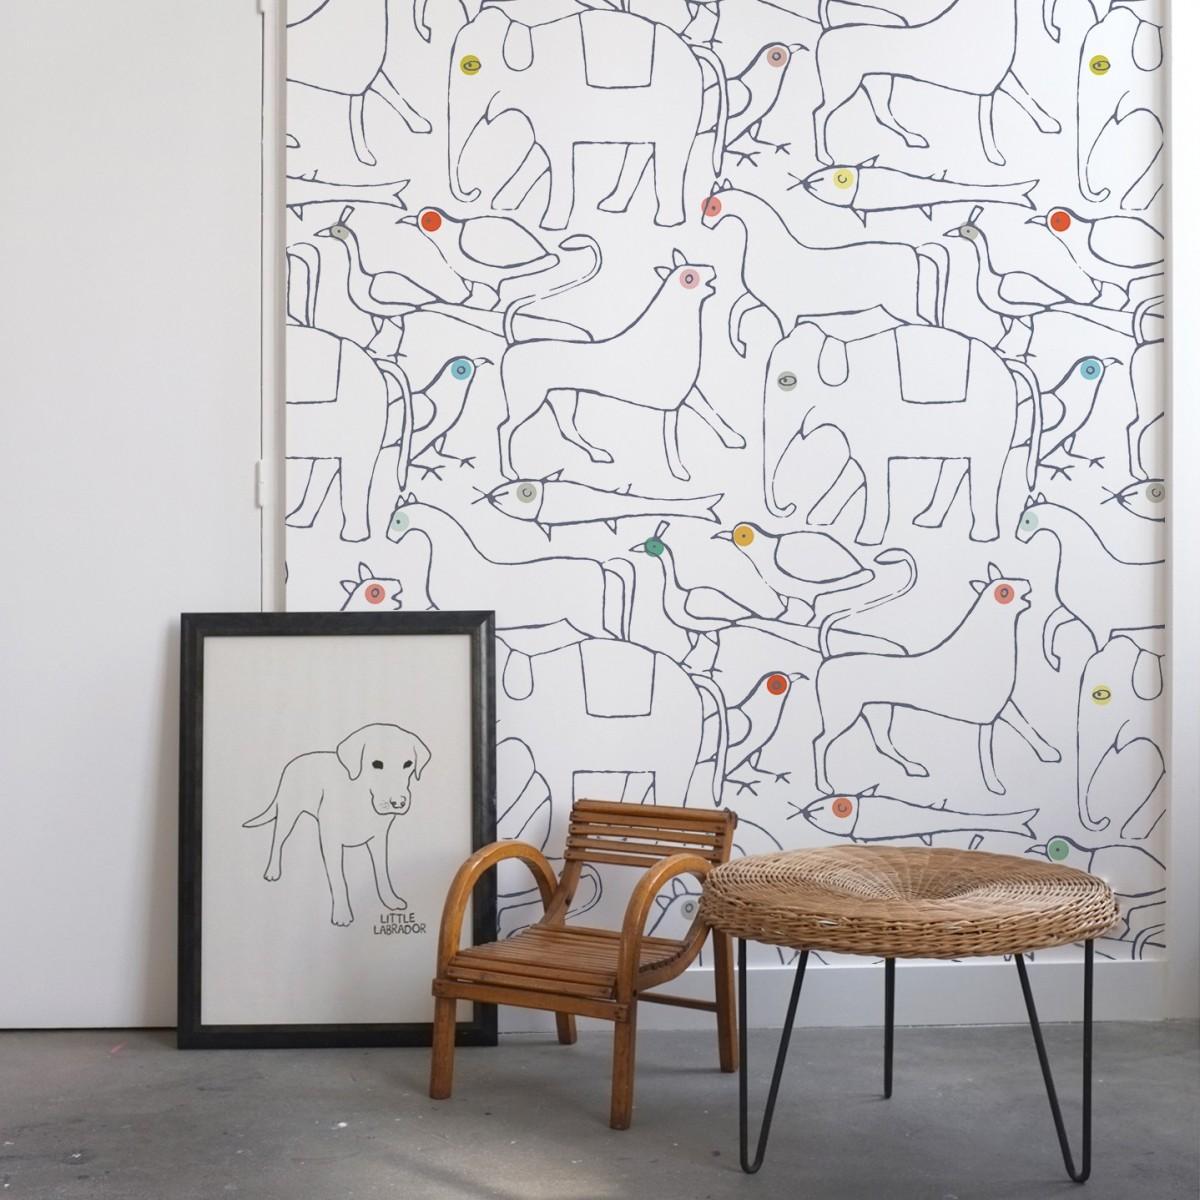 papier peint animals bien fait. Black Bedroom Furniture Sets. Home Design Ideas